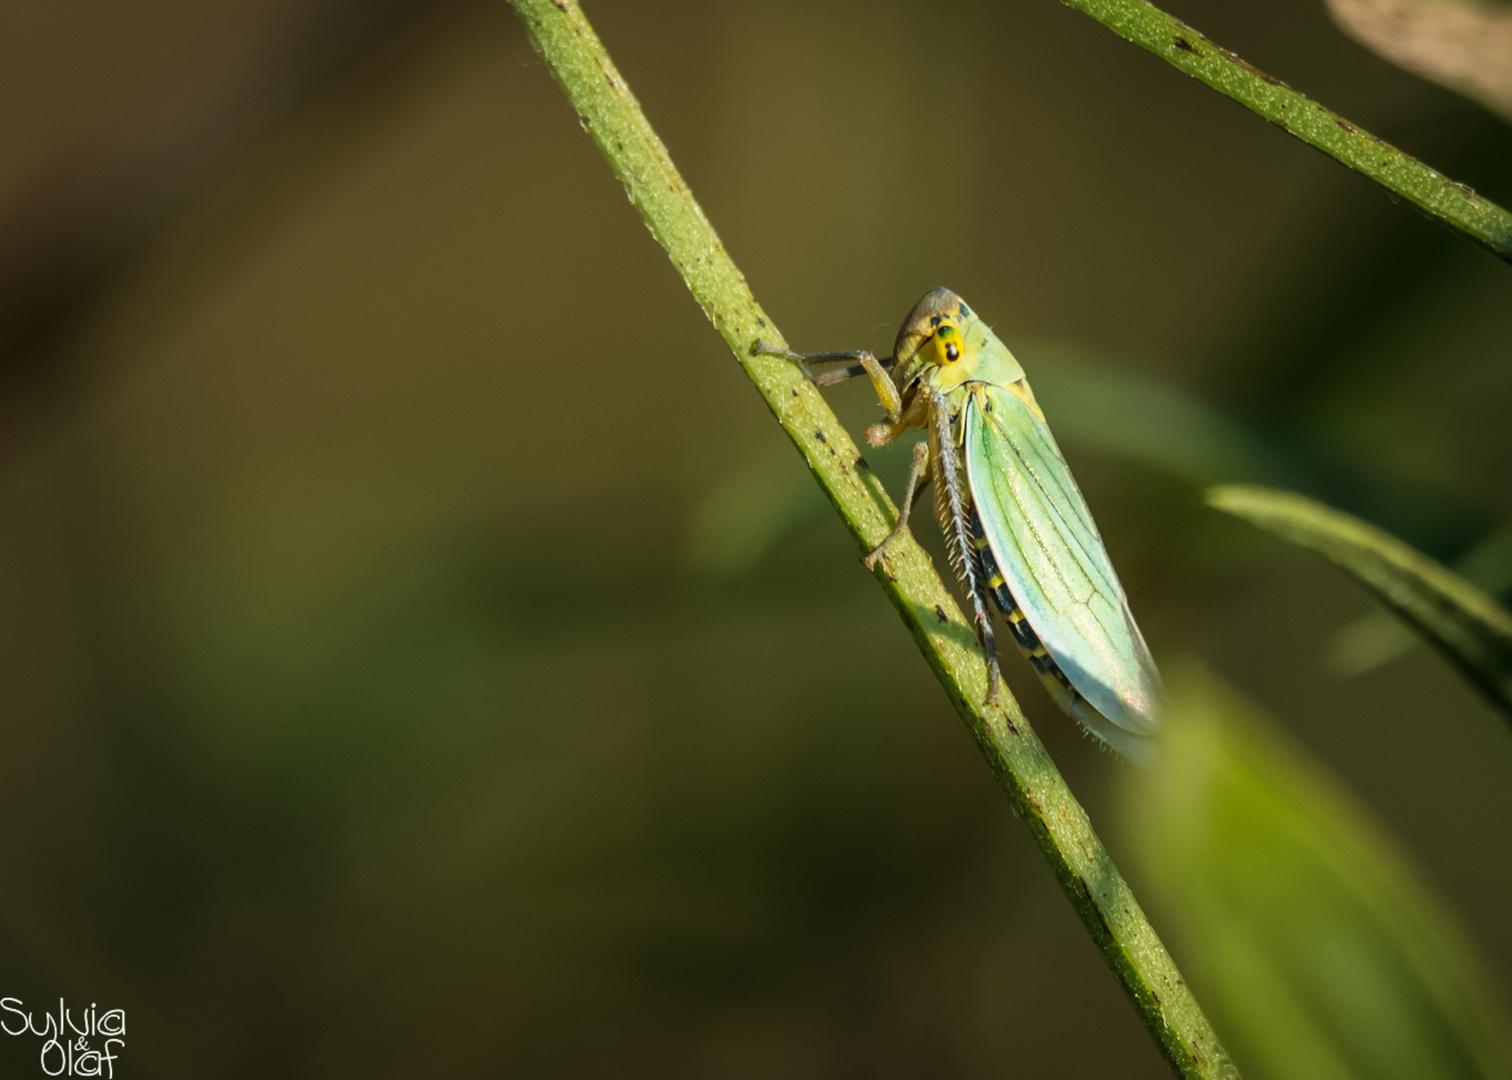 Grüne Zwergzikade (Cicadella viridis)  Seitenansicht